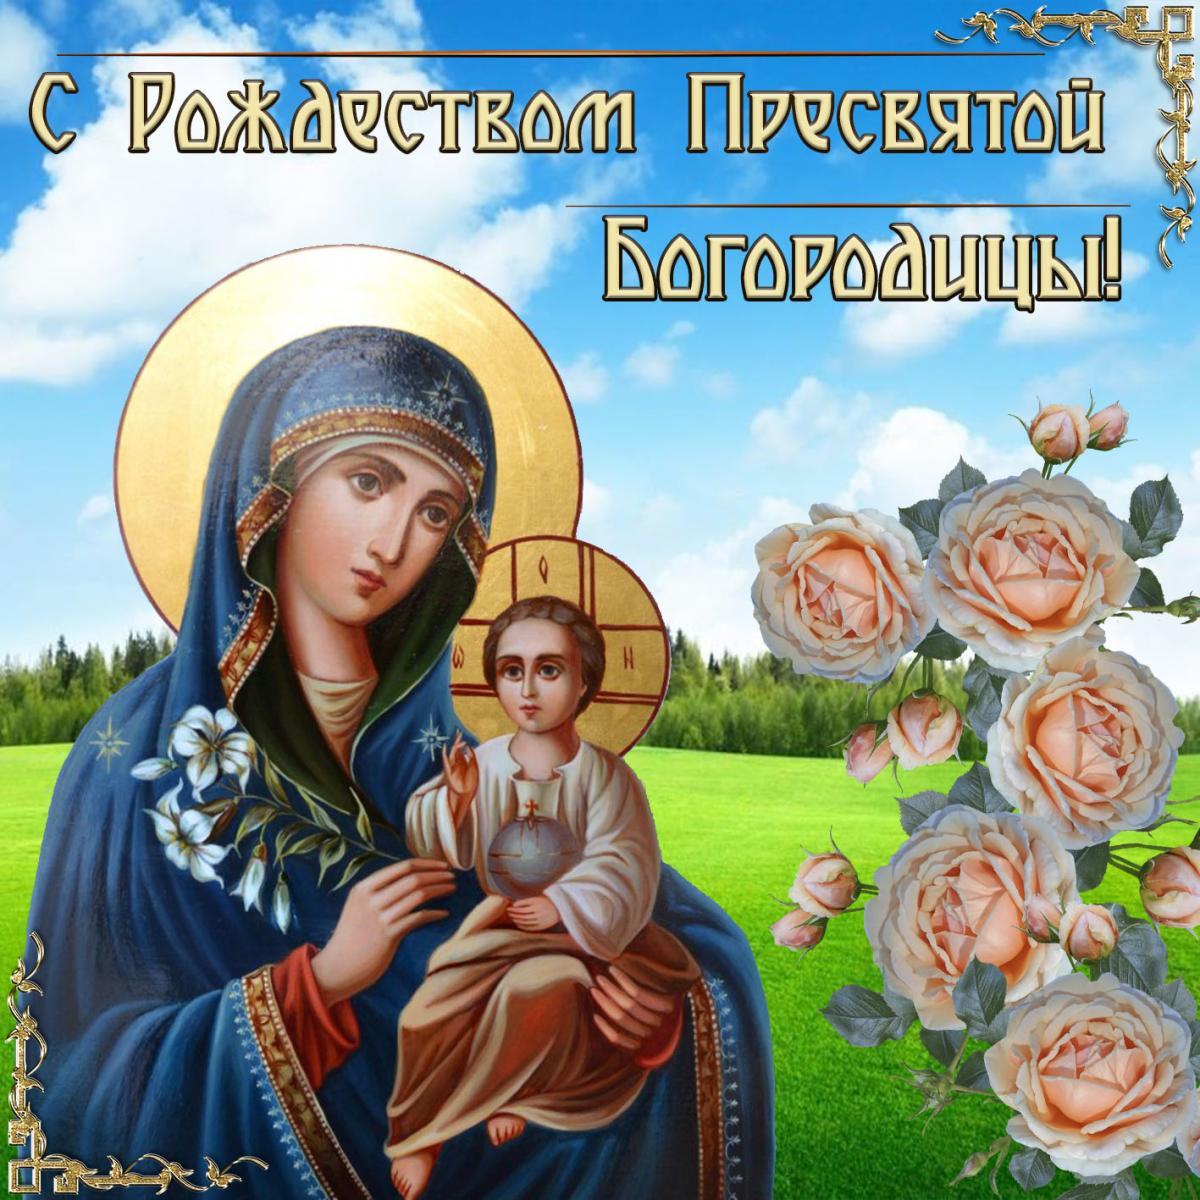 современном открытки праздник пресвятой богородицы в сентябре размер таким образом